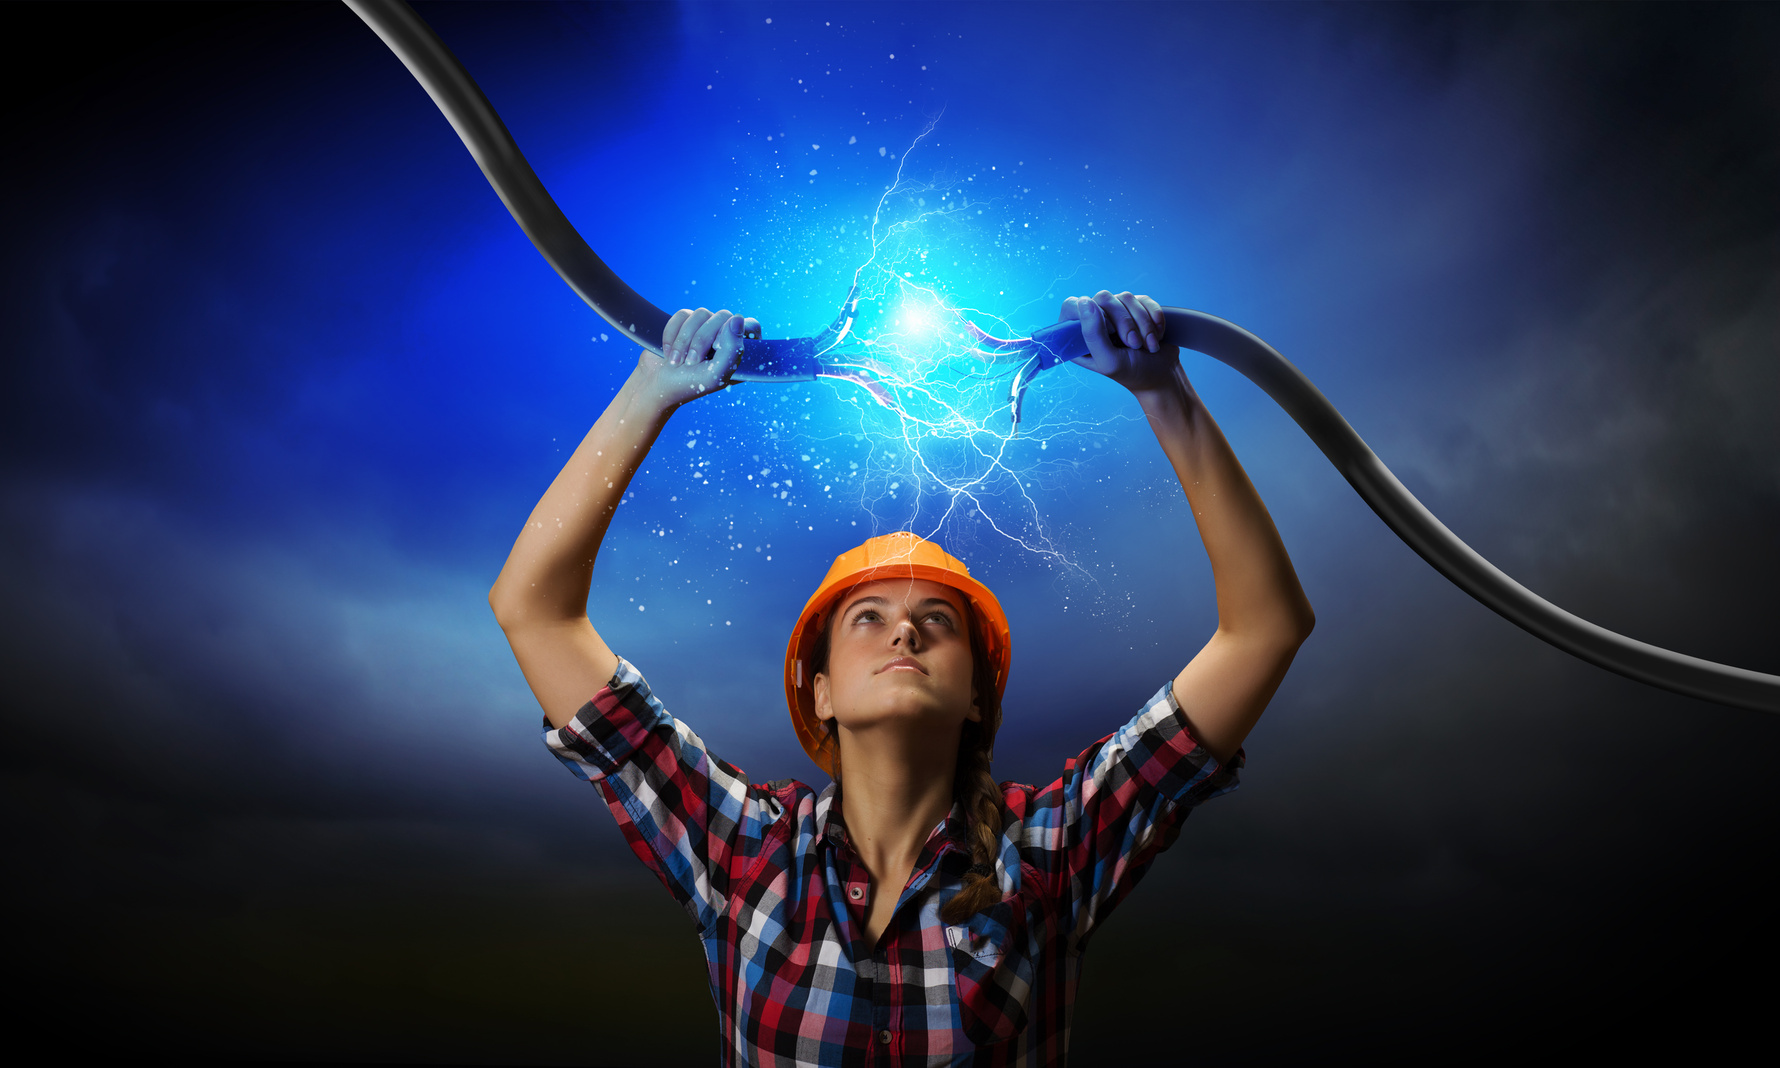 более человек и энергия электричества картинки гюрзы